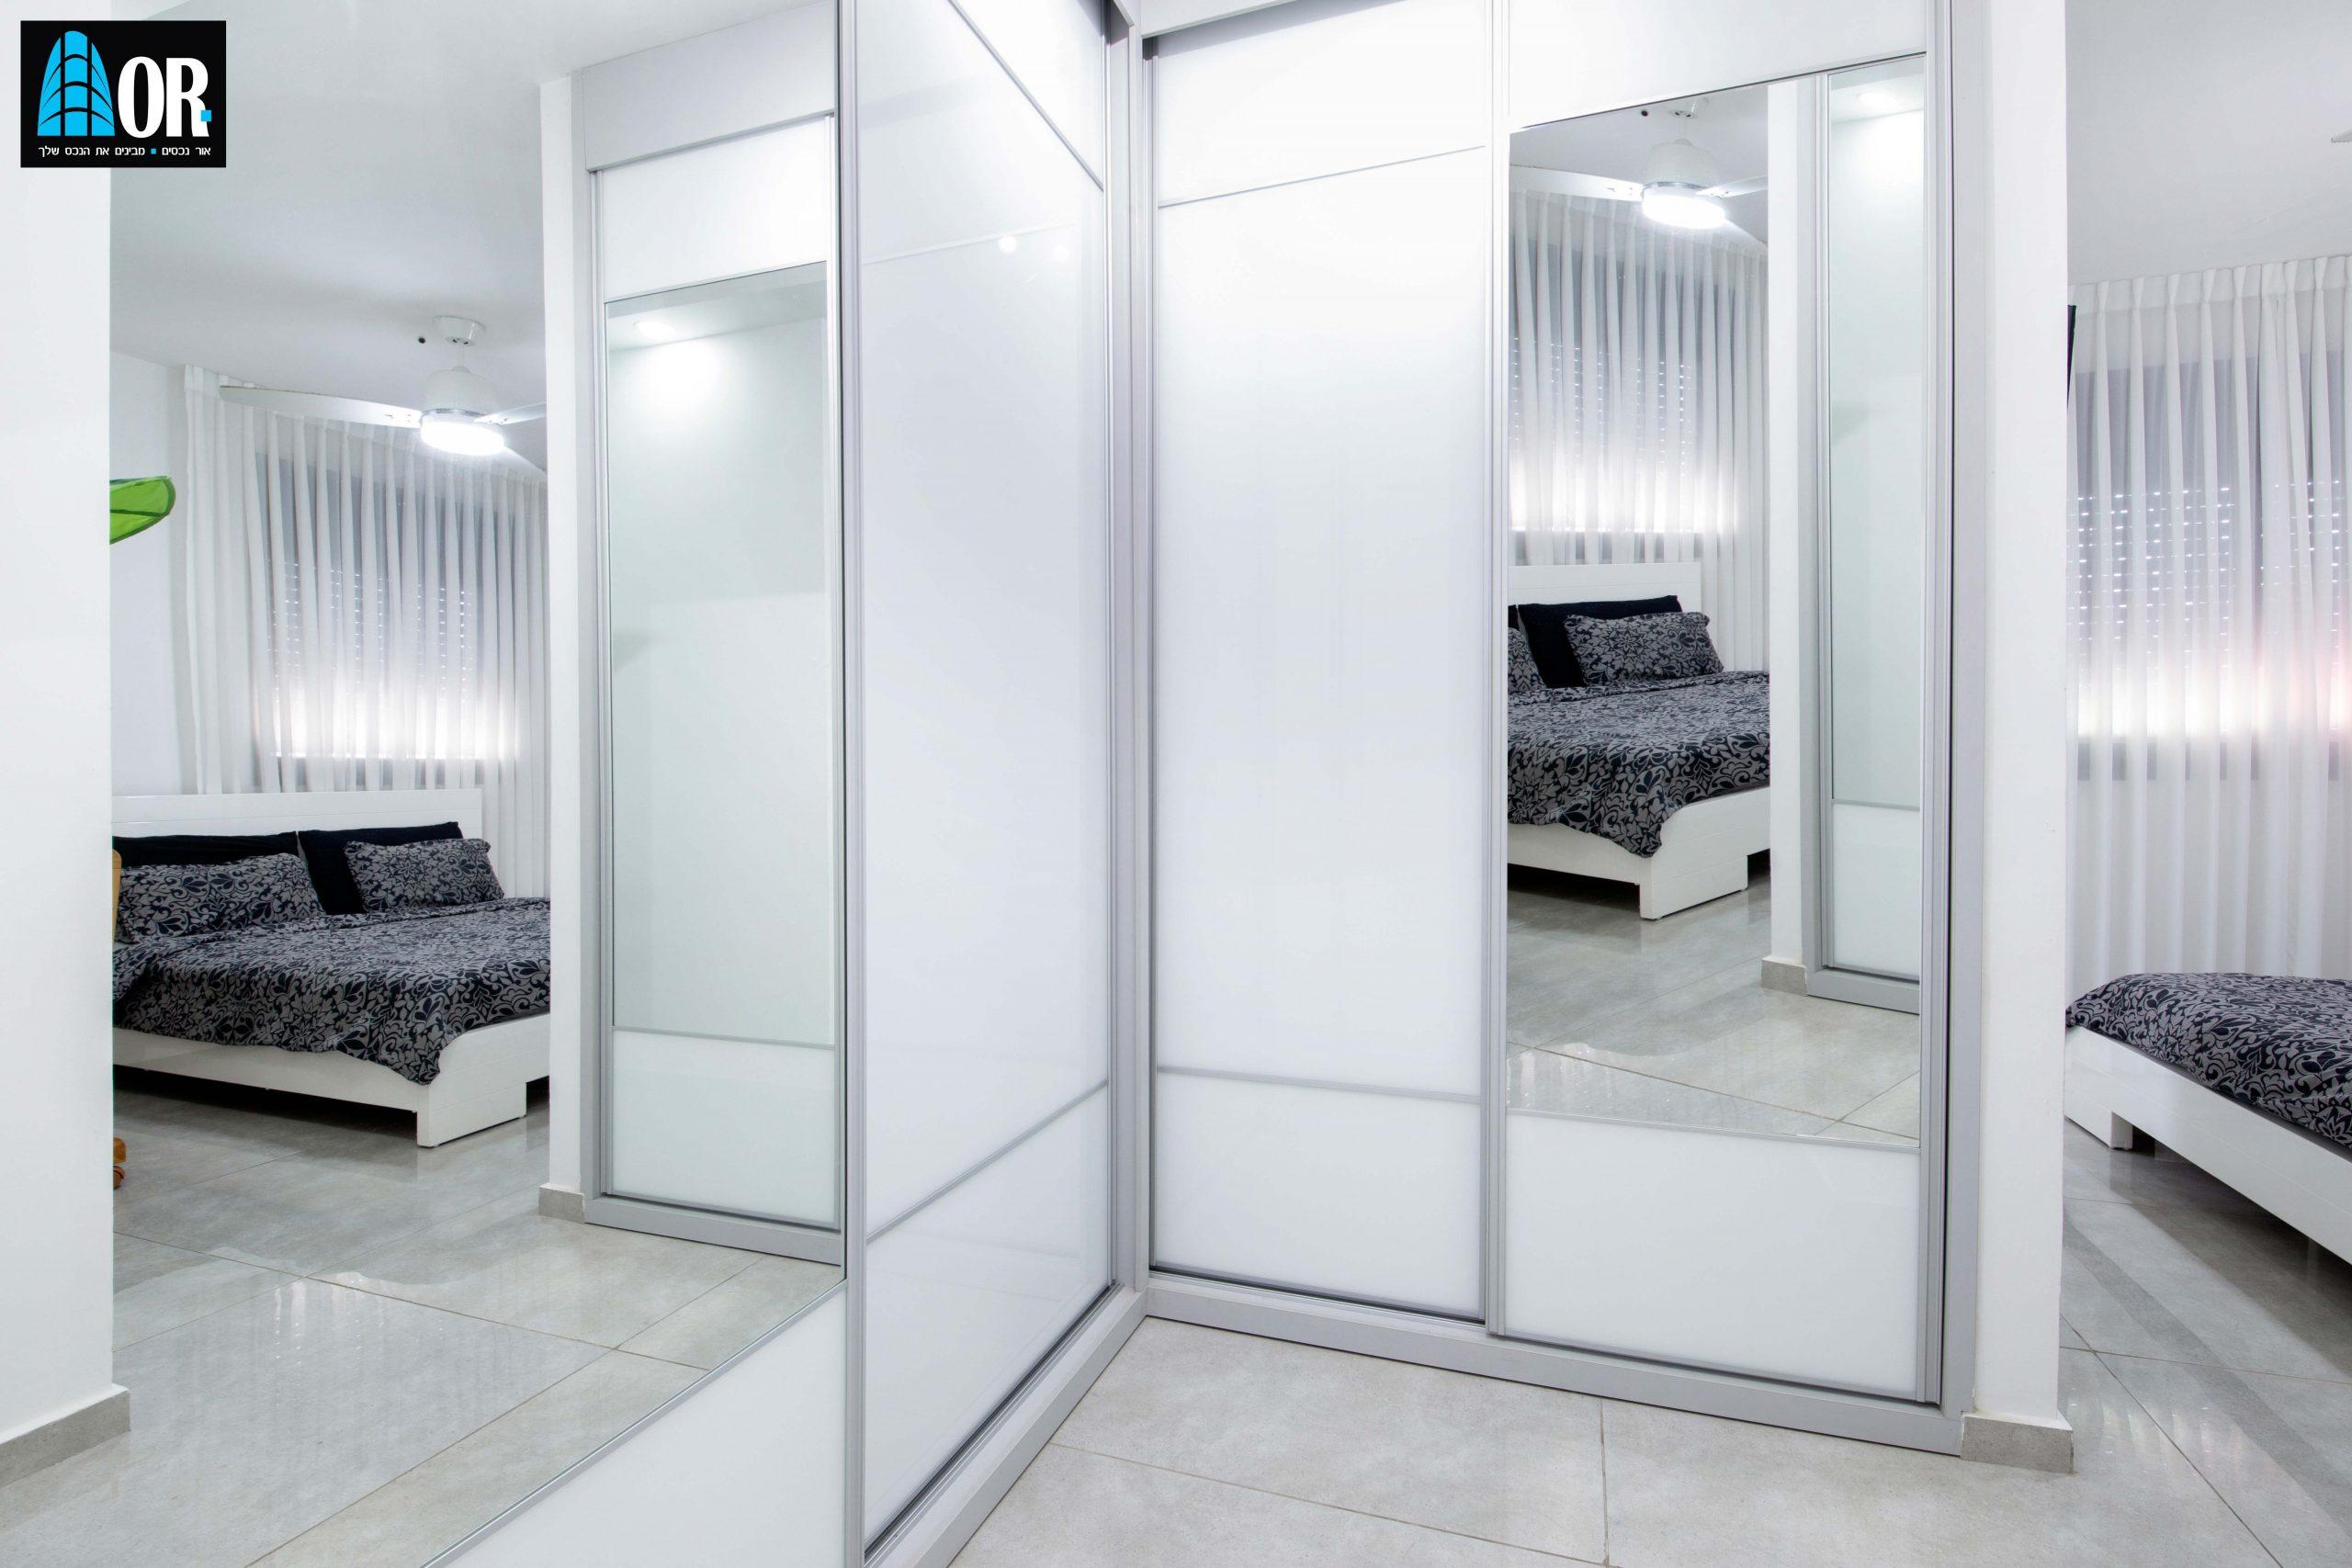 חדר שינה דירה 5 חדרים שכונה צמרות